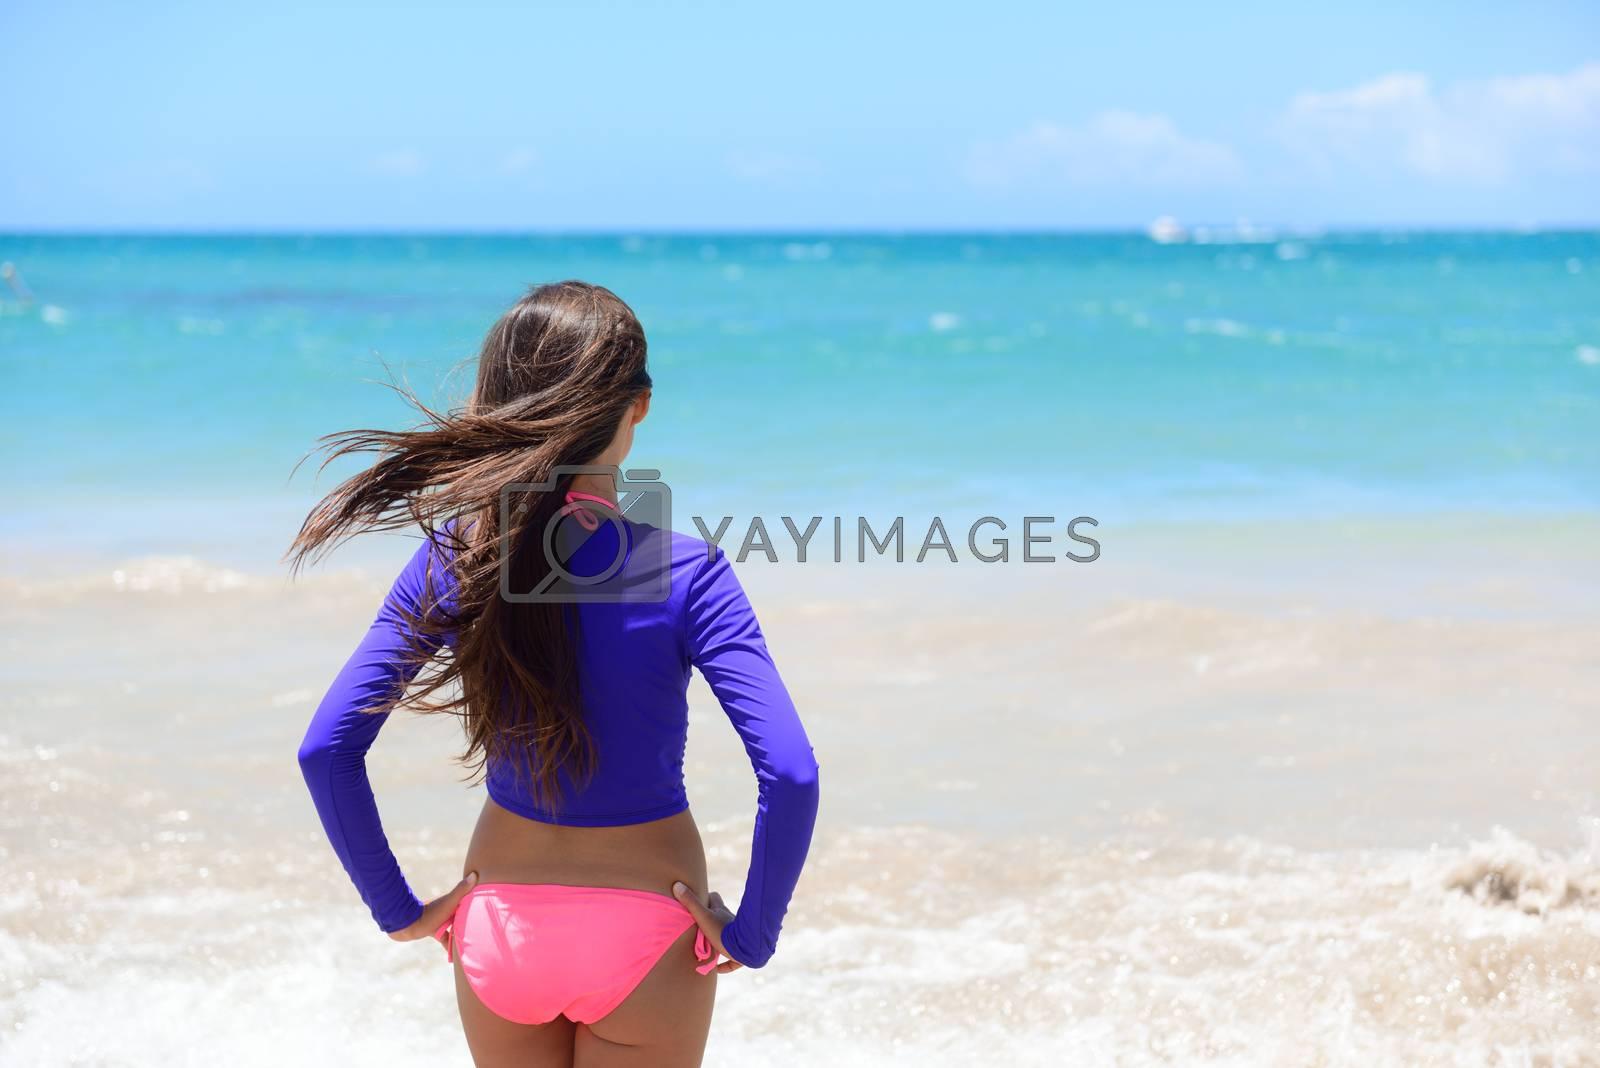 Beach girl going swimming in rash guard swim shirt by Maridav